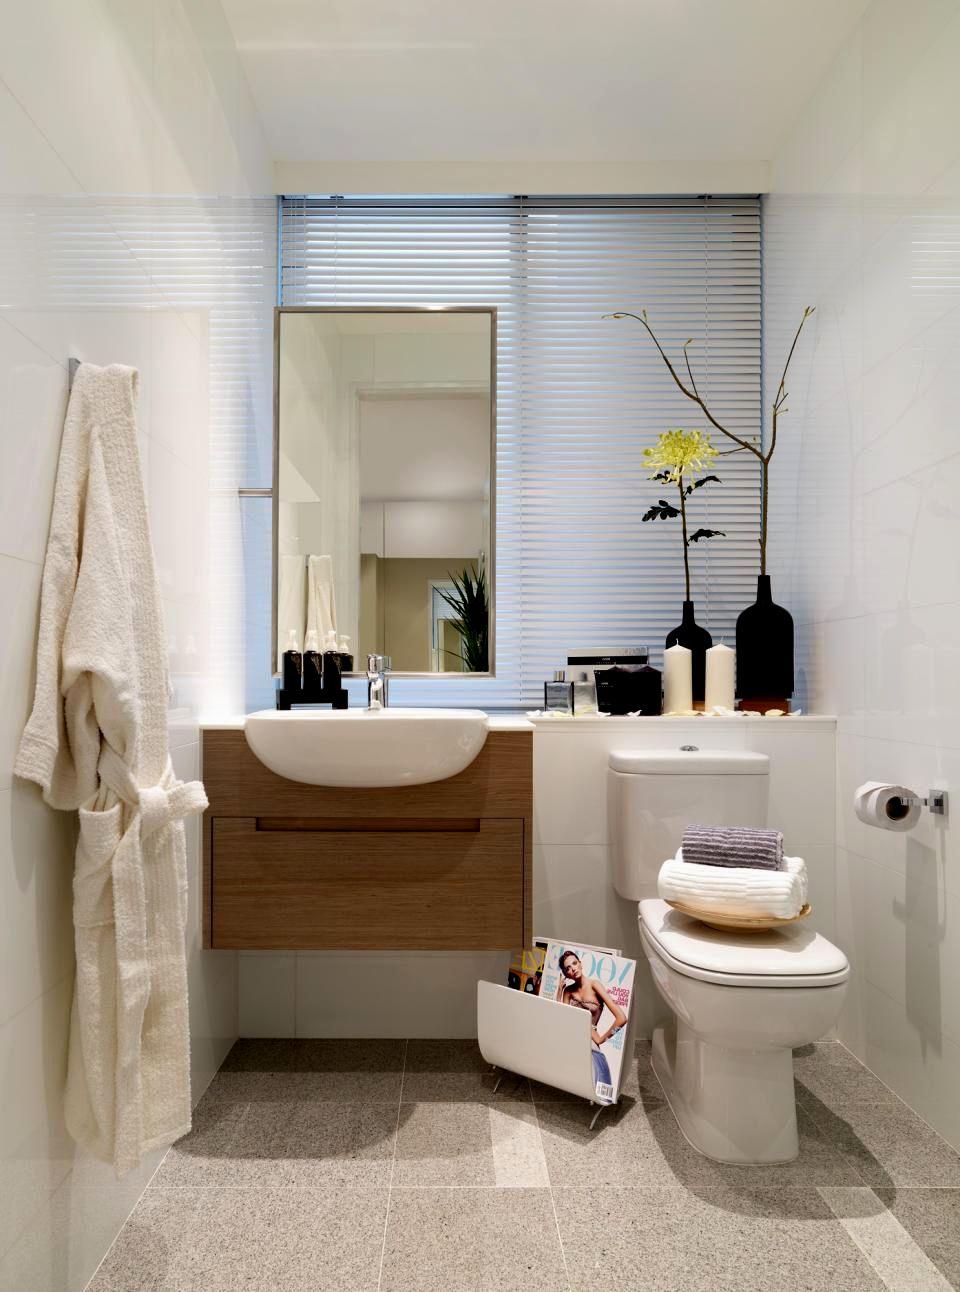 contemporary double sink bathroom vanity pattern-Excellent Double Sink Bathroom Vanity Décor